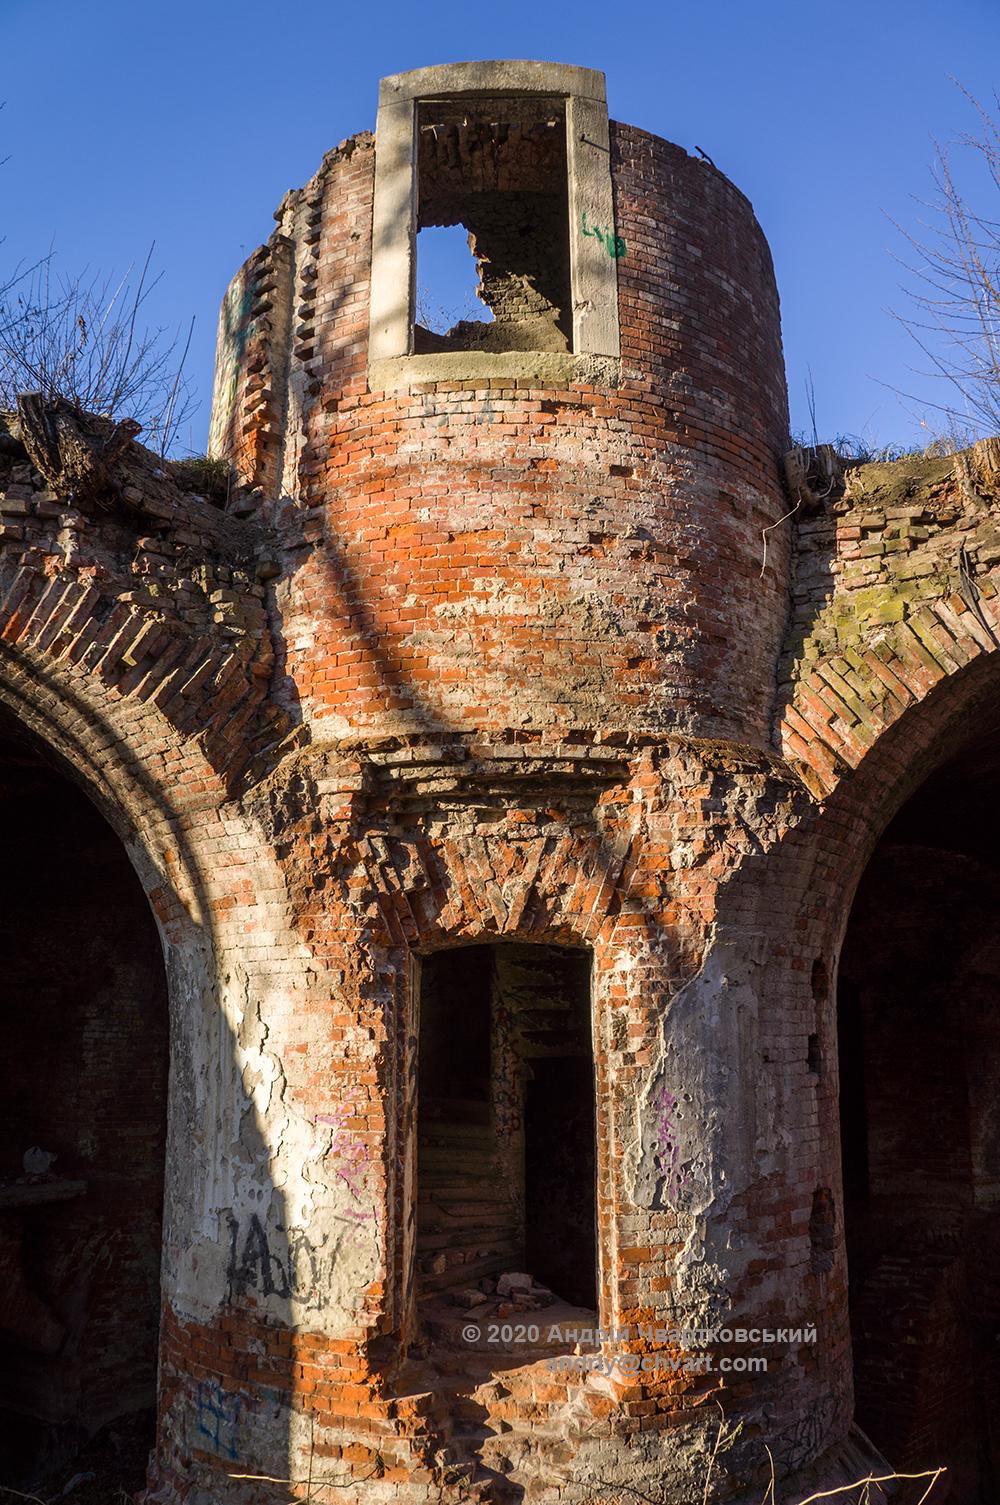 Центальна башта з гвинтовими сходами